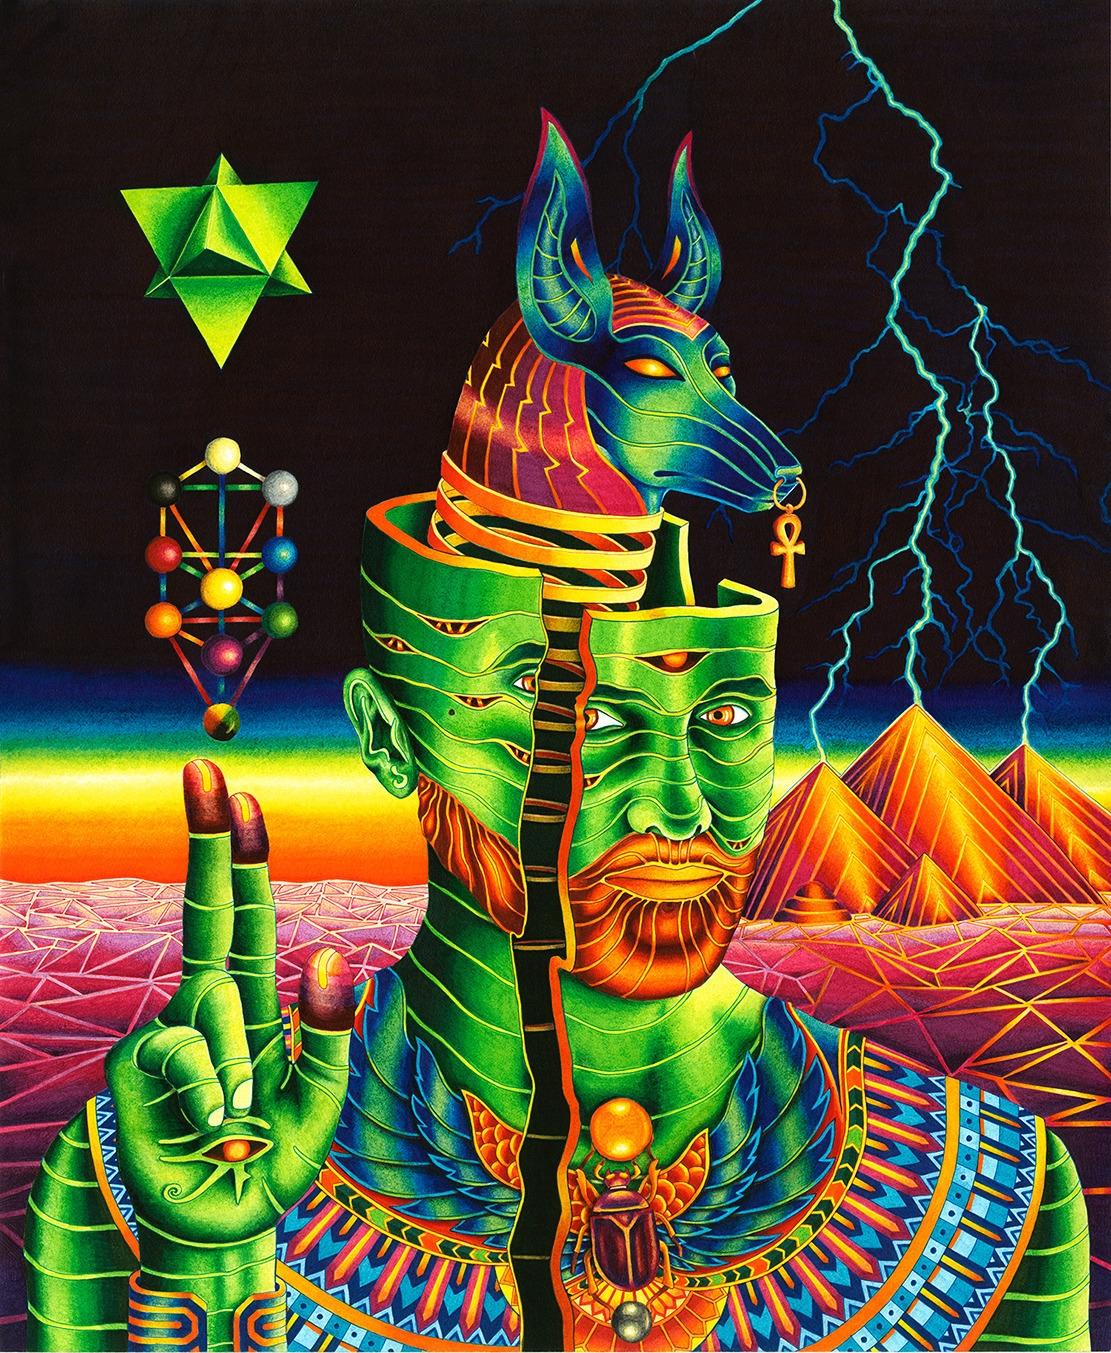 Anubis Rising (Ink paper - 14x1 - vedranmisic   ello